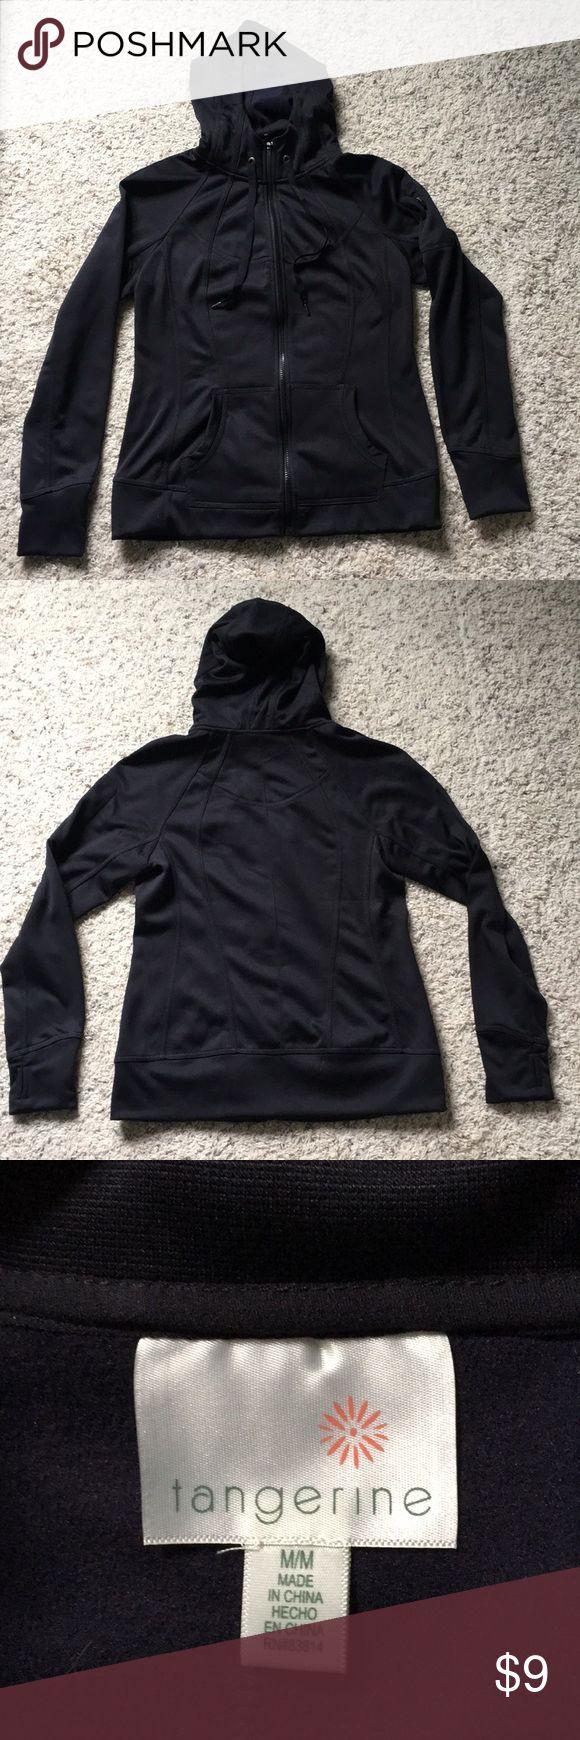 Black zip up hoodie Full zip hooded sweatshirt. Worn once Tangerine Tops Sweatshirts & Hoodies